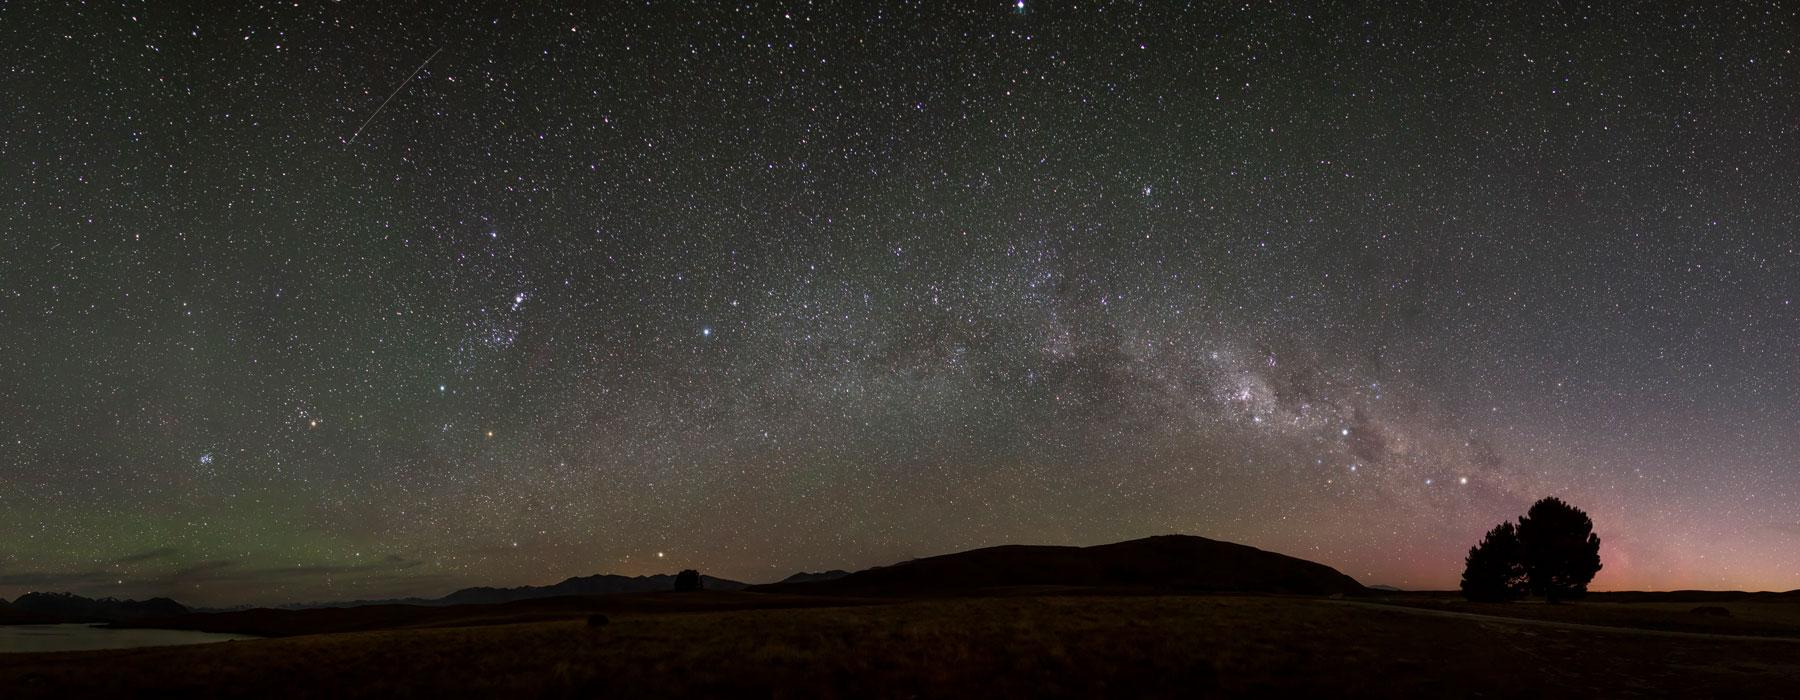 Matariki in the night sky